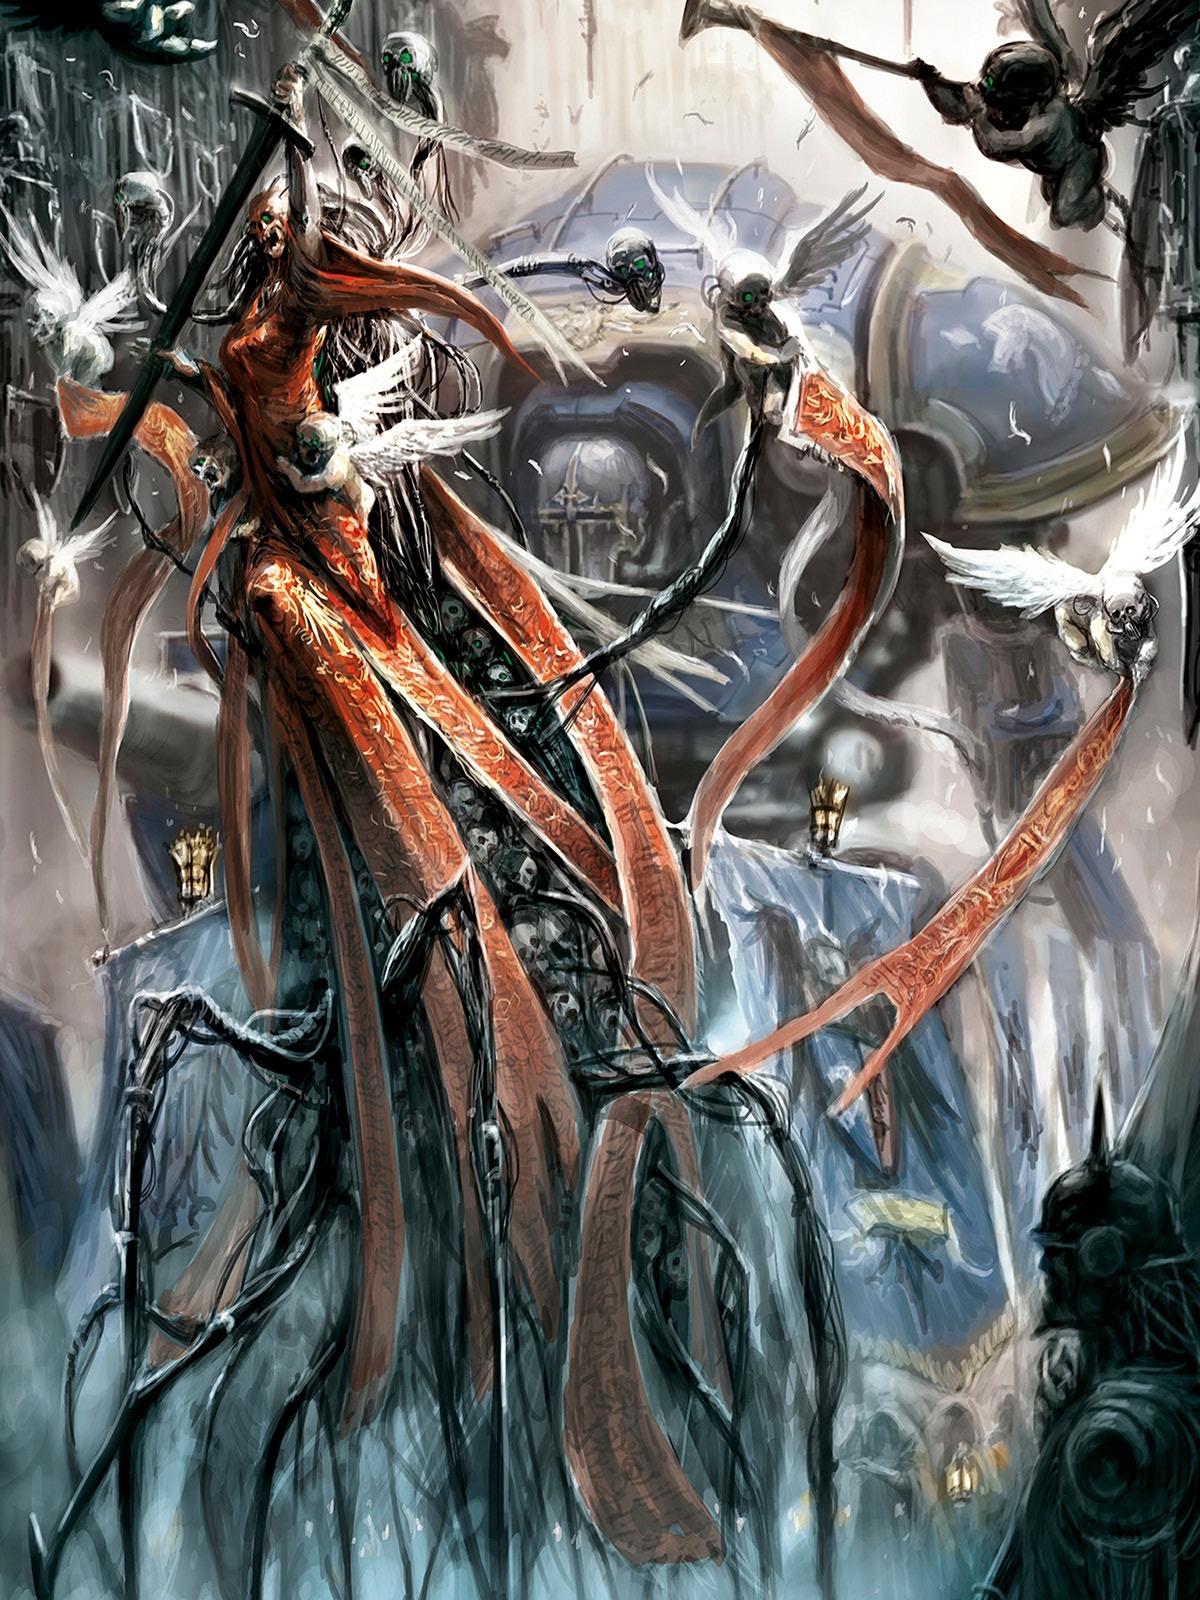 [W40K] Collection d'images : Warhammer 40K divers et inclassables - Page 4 947896pWoj87O